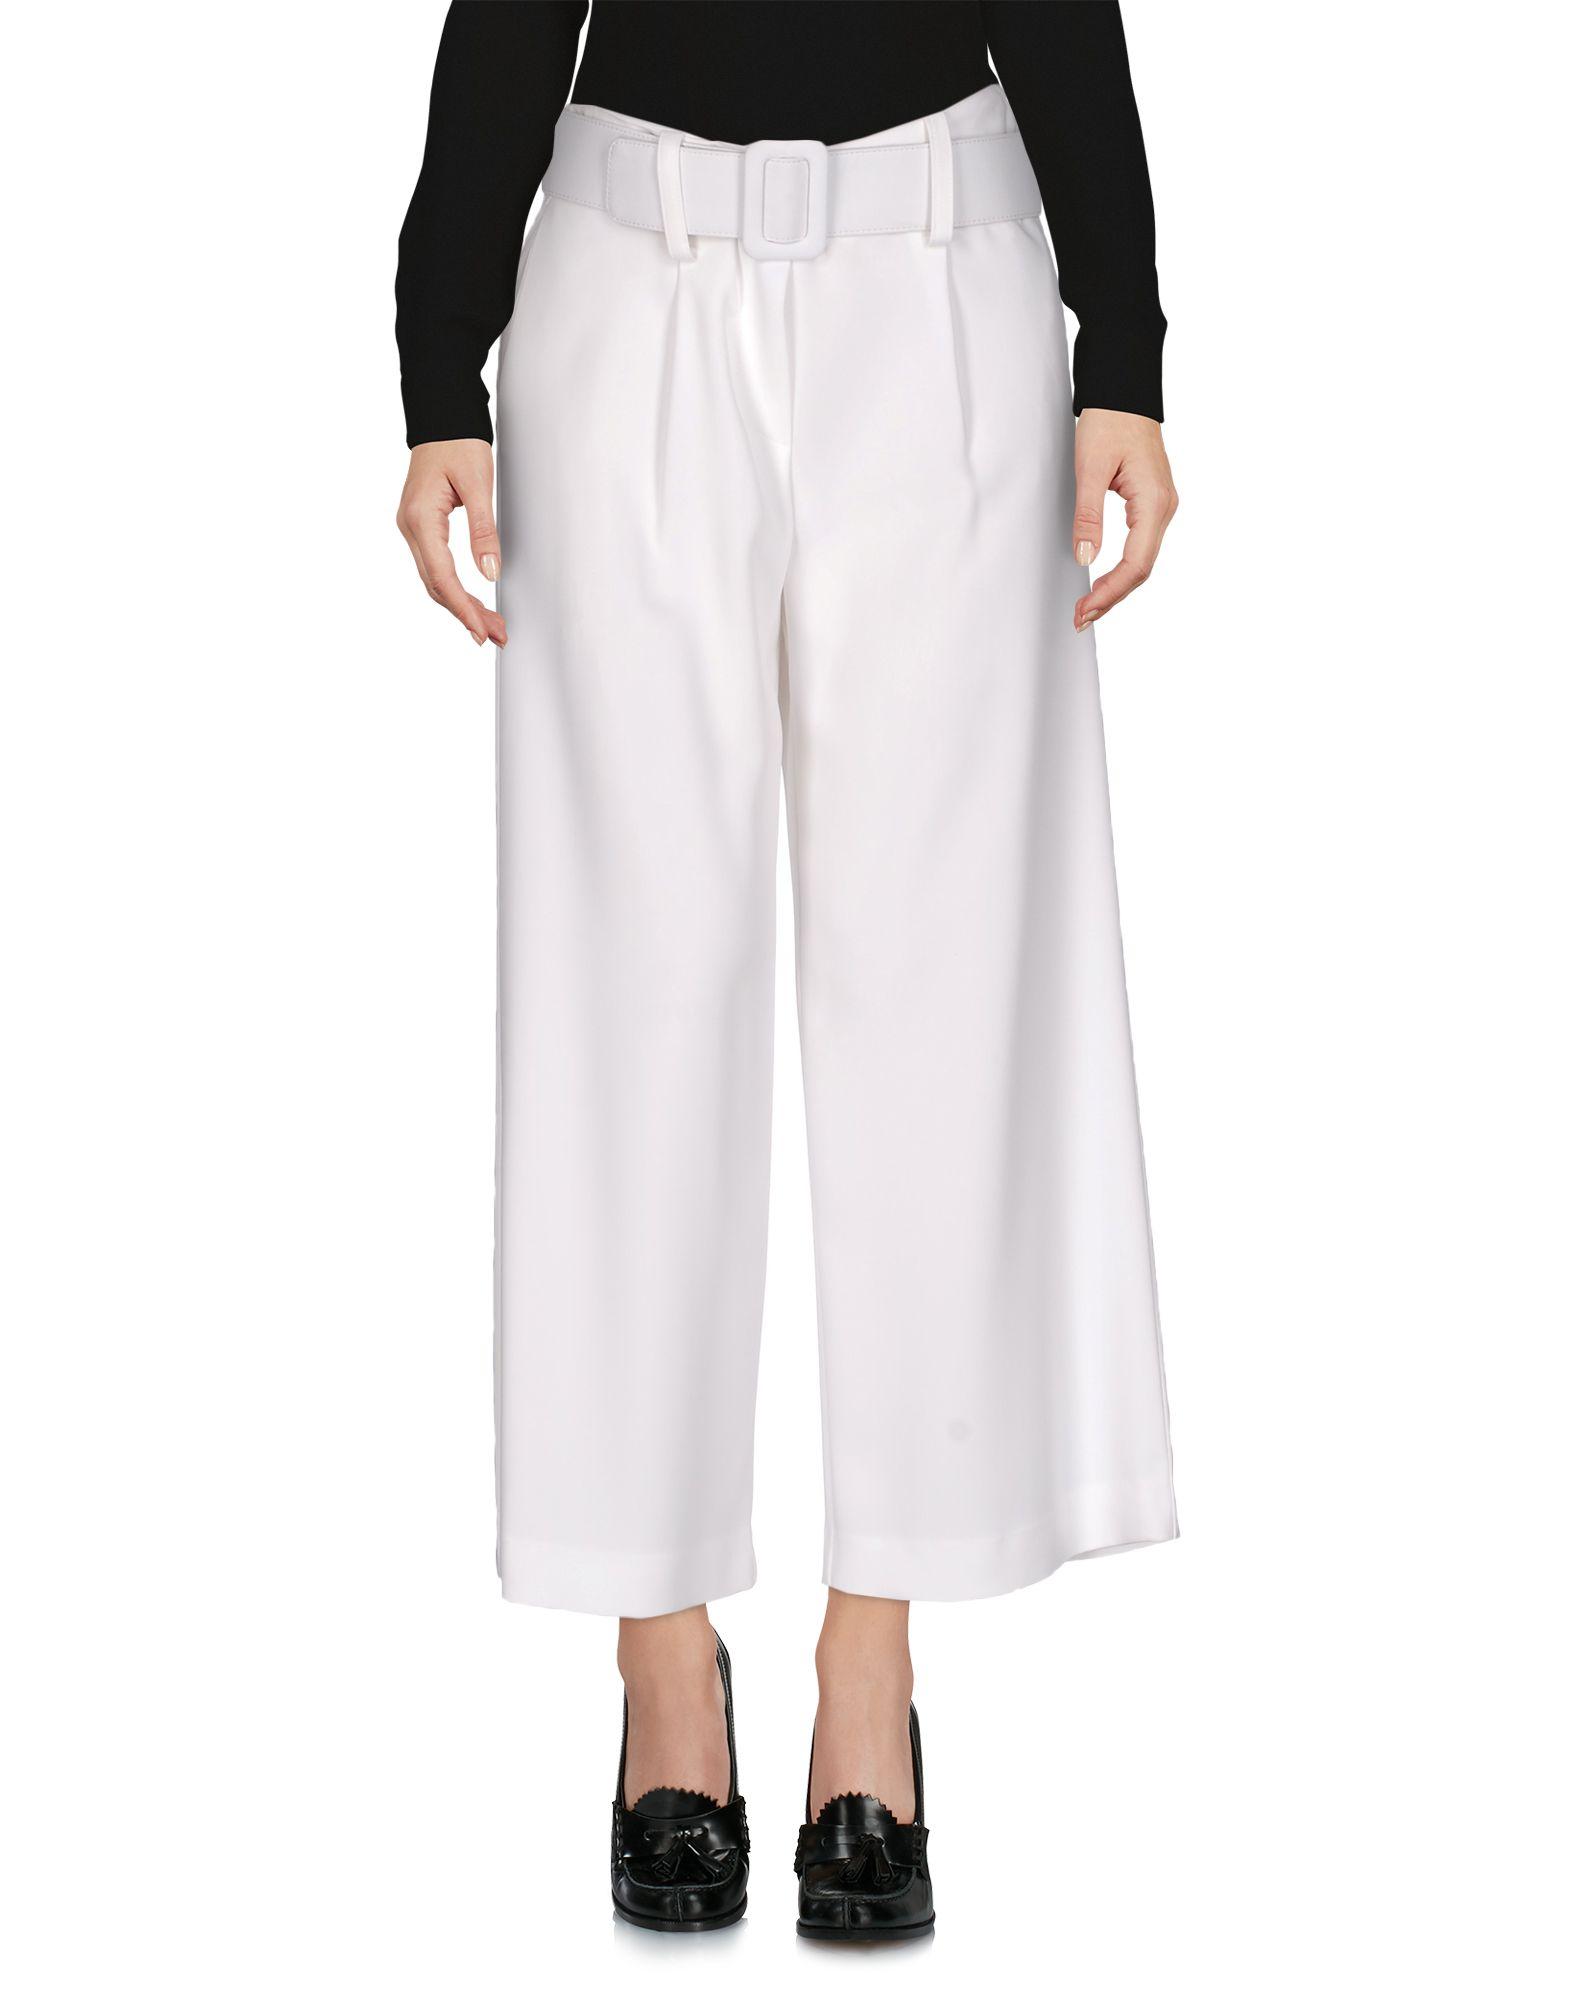 Pantalone Classico Space Style Concept Donna - Acquista online su VdpUd6